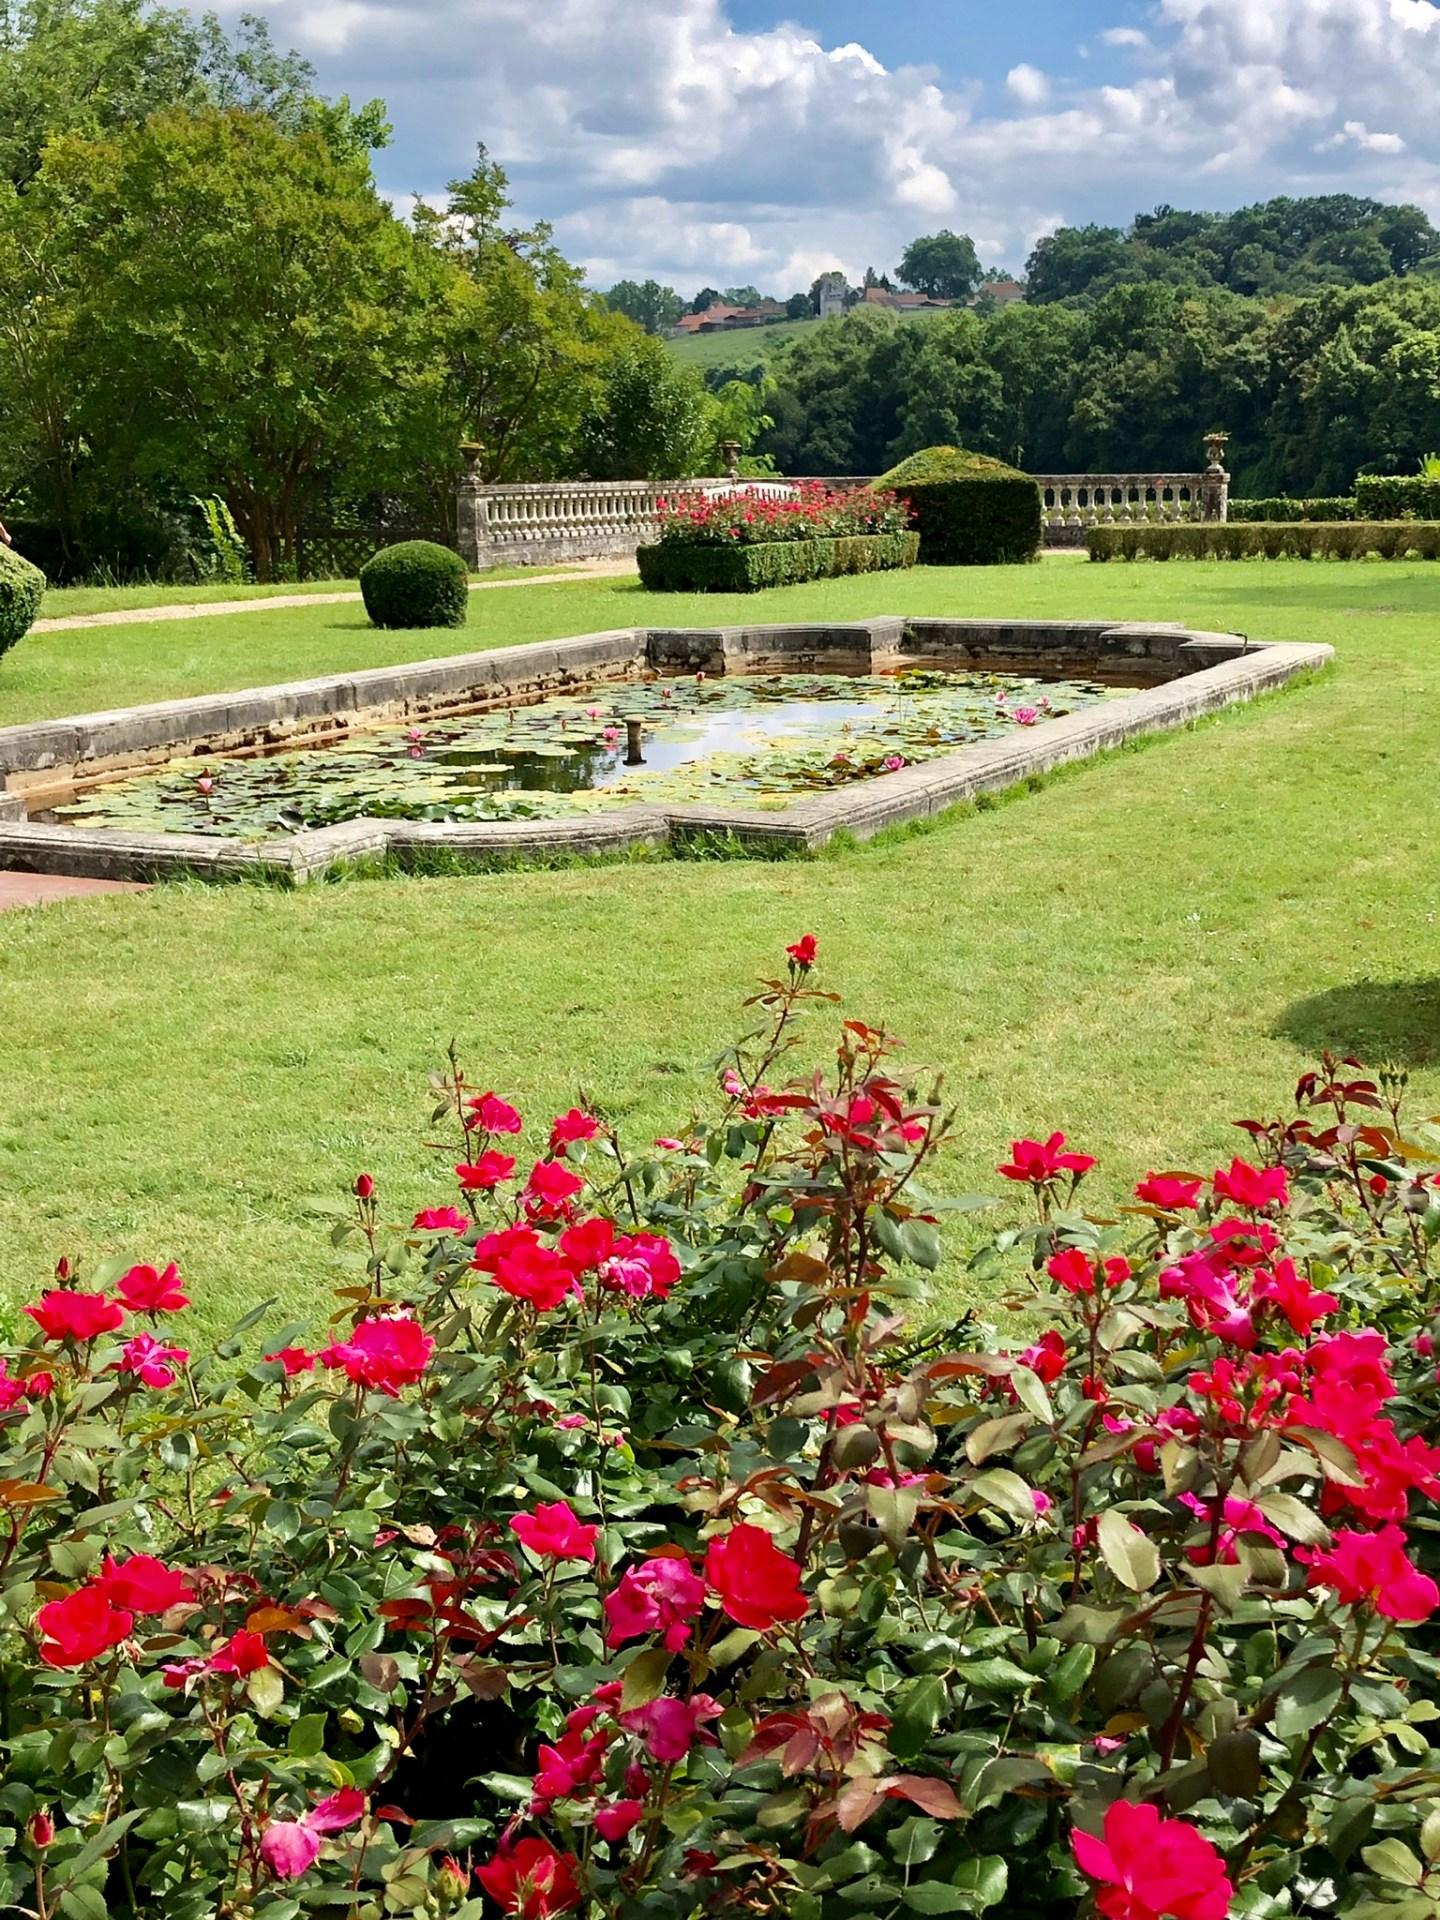 Château de laàs jardin